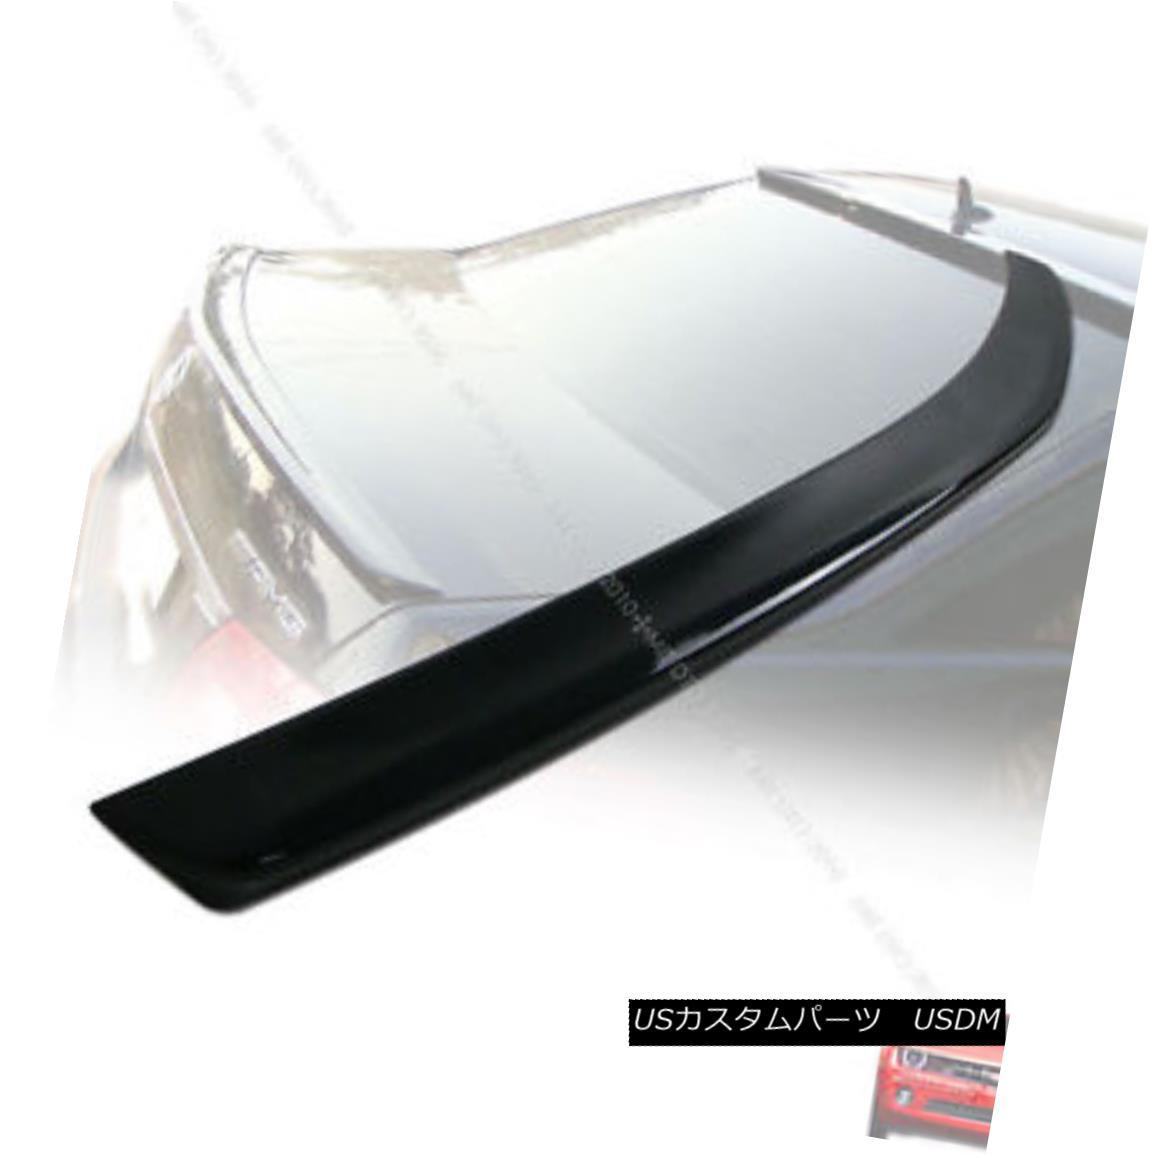 エアロパーツ Painted Mercedes BENZ W212 4DR Boot Trunk Spoiler Rear Wing 11 12 § 塗装されたメルセデスベンツW212 4DRブーツトランクスポイラーリアウィング11 12